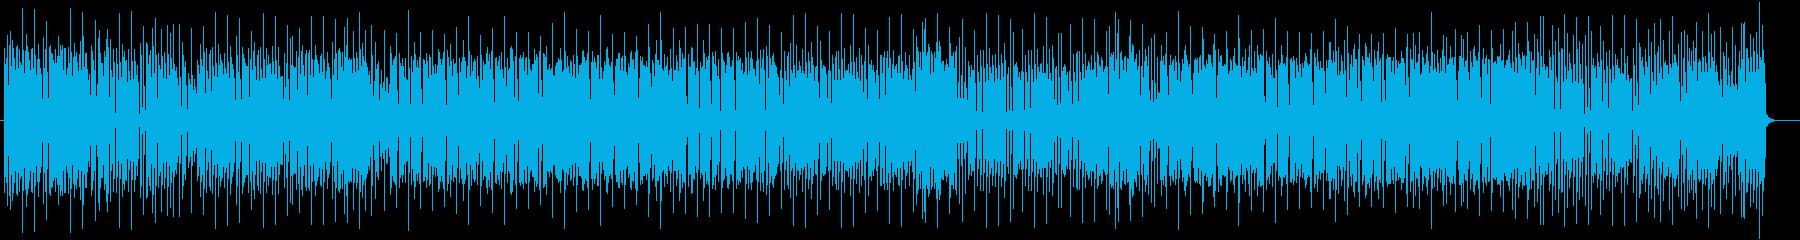 穏やかでリズミカルな木琴ポップスの再生済みの波形